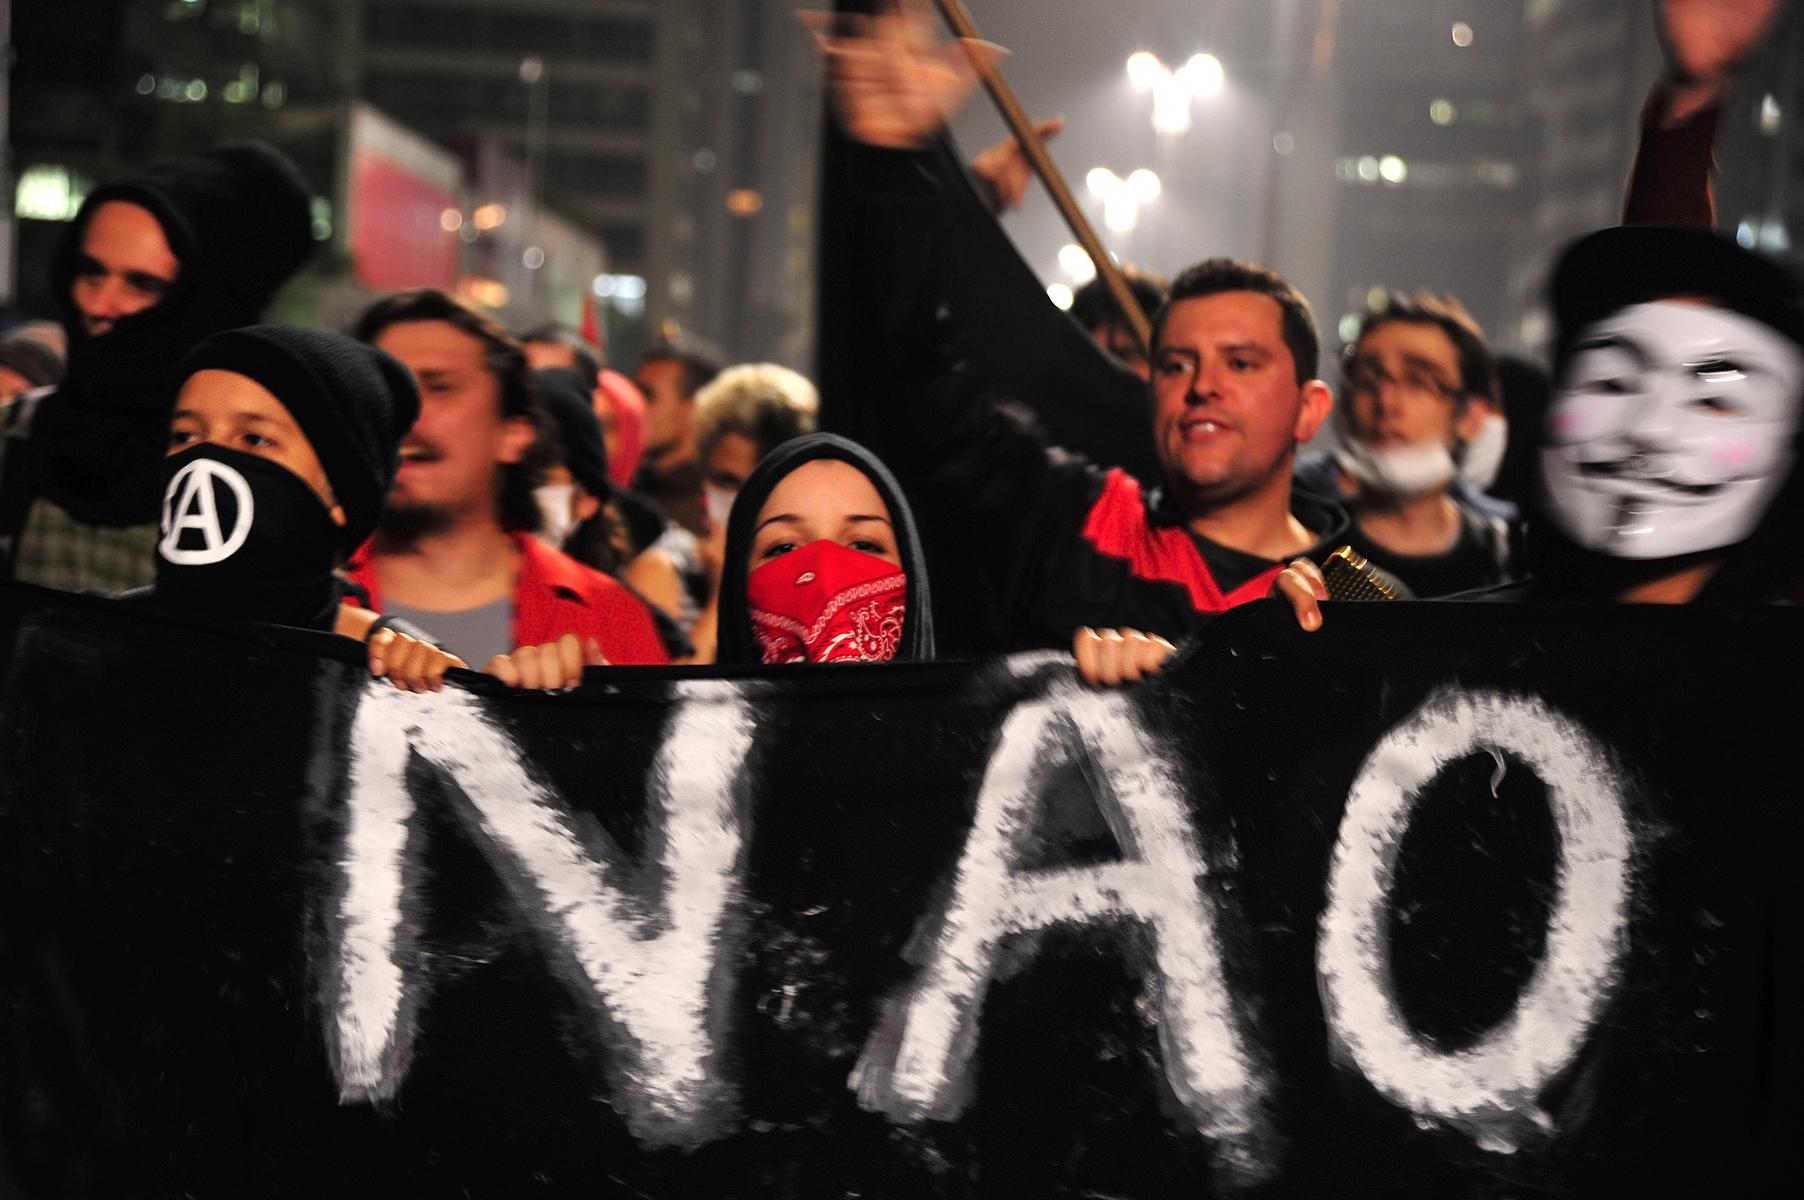 Manifestantes protestam na Avenida Paulista, em São Paulo, em junho de 2013